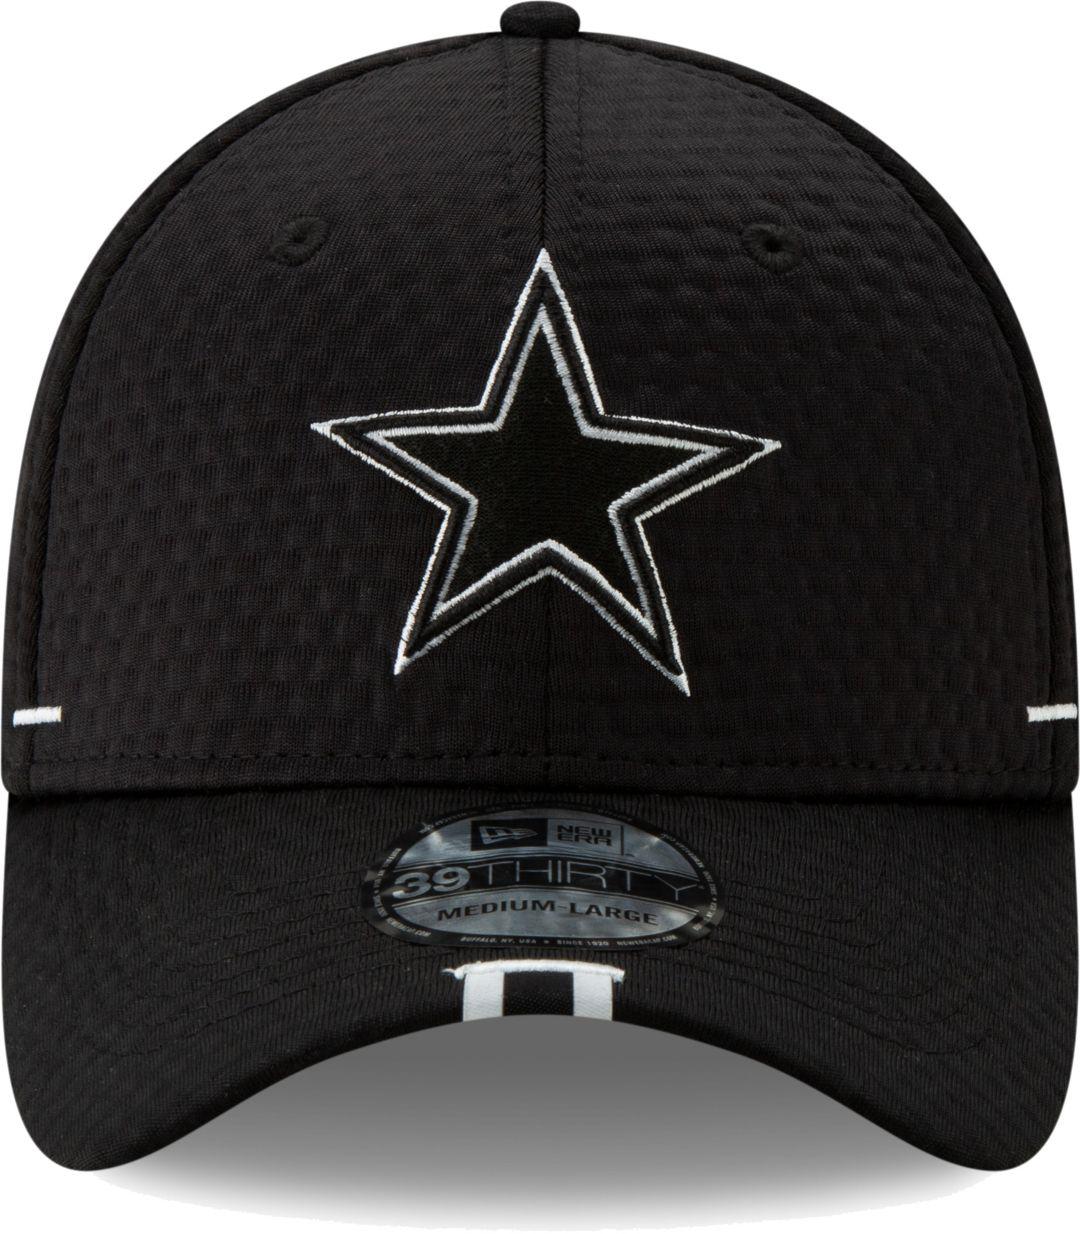 1b965f818a3a24 New Era Men's Dallas Cowboys Sideline Training Camp 39Thirty Stretch Fit  Black Hat